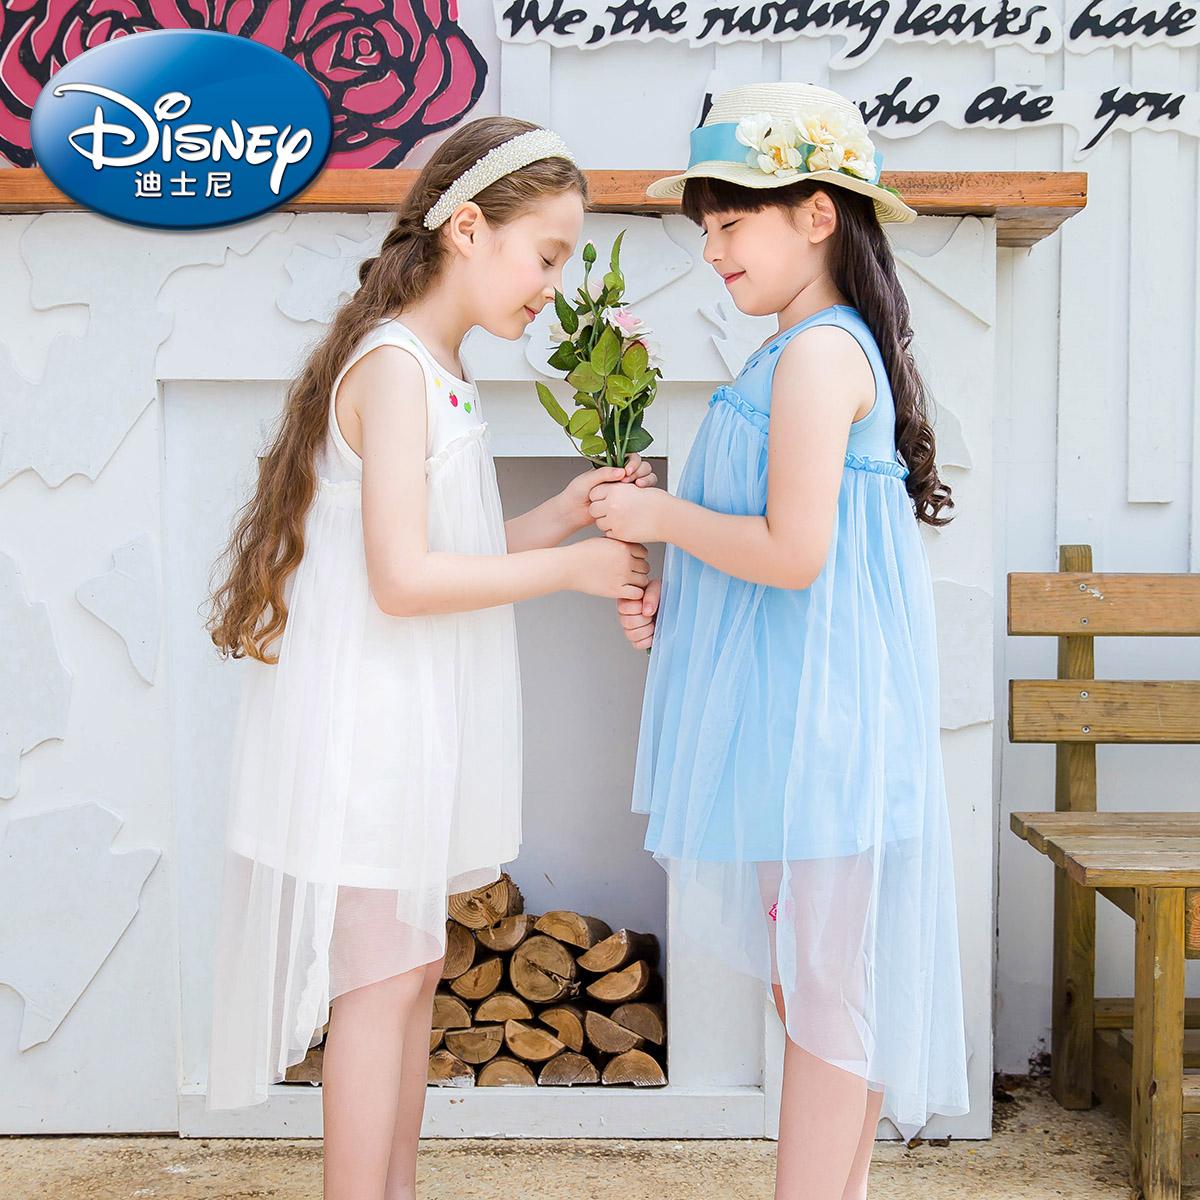 платье Disney rx505024 2015